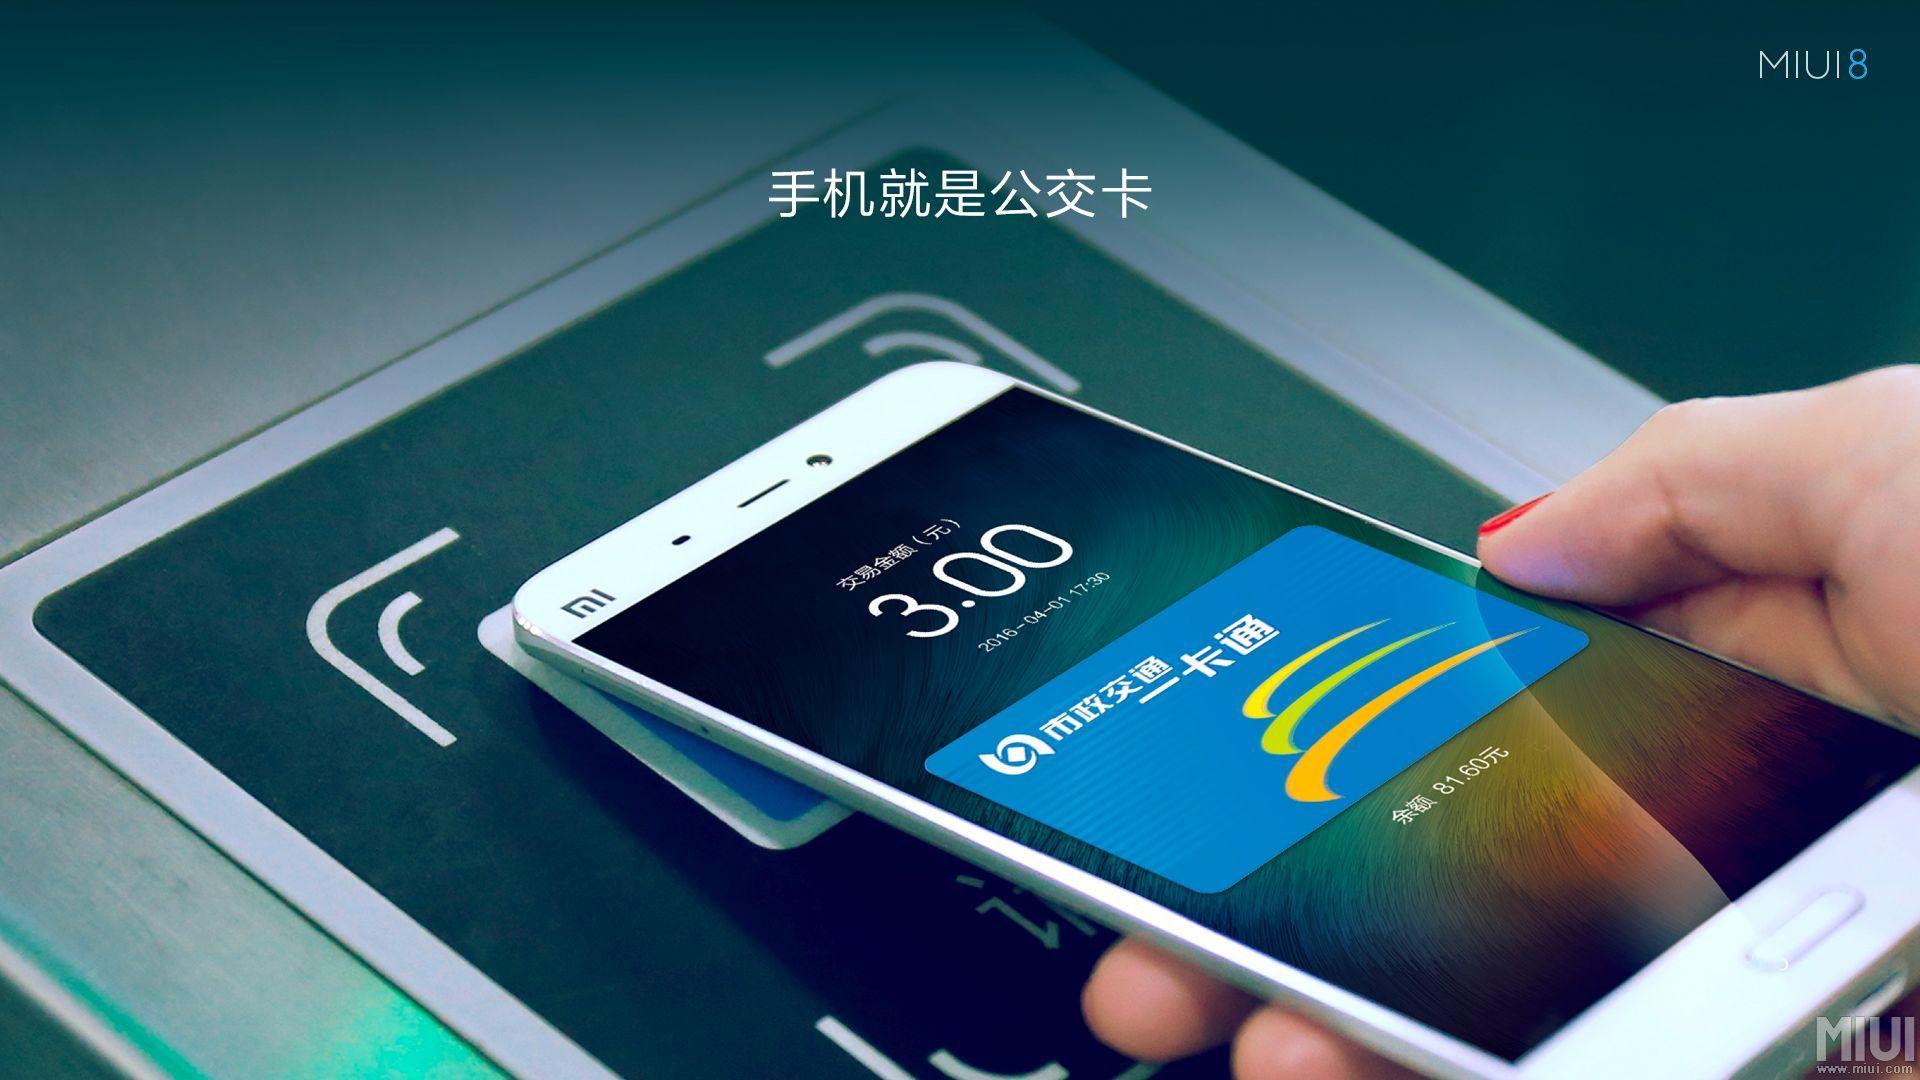 日本的 iPhone 可以刷公交,为什么国内的还不行?